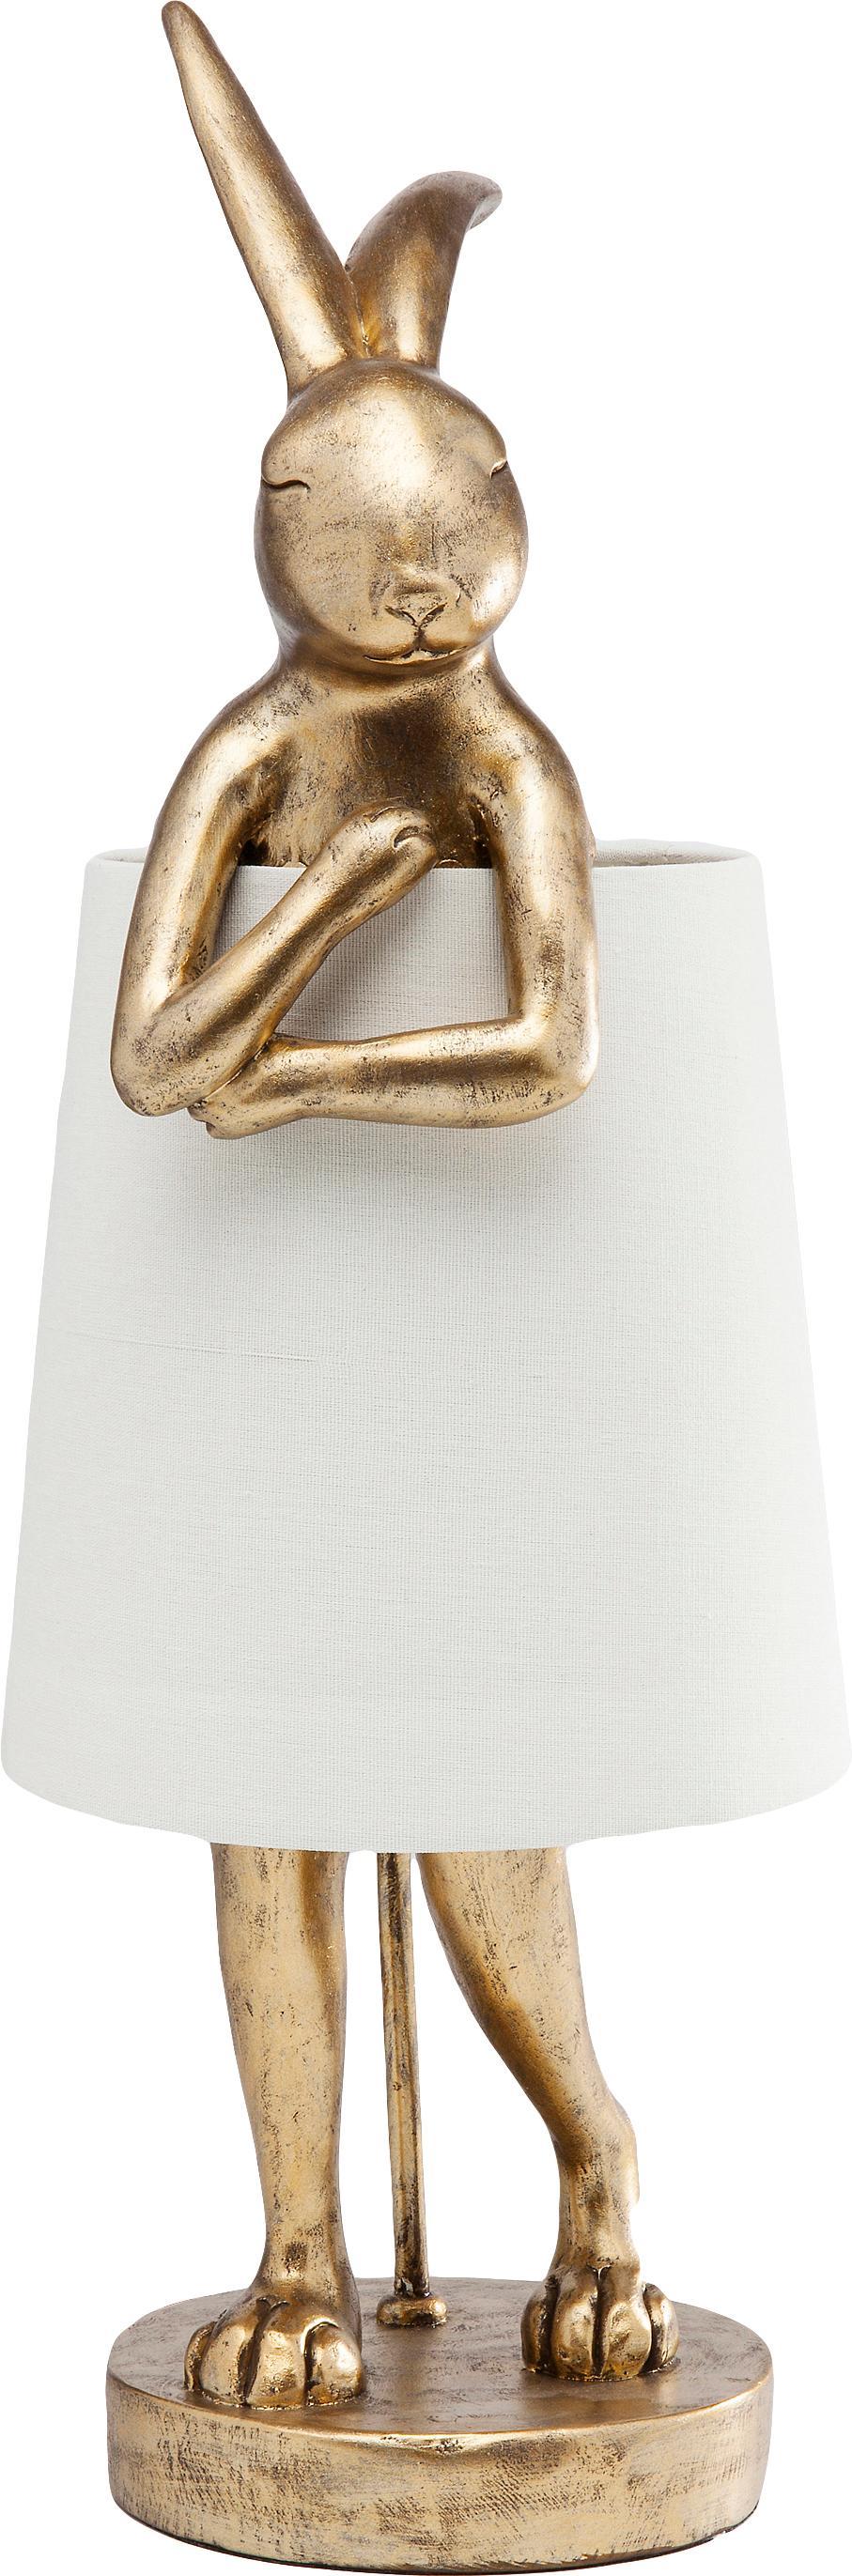 Lampa stołowa Rabbit, Stelaż: poliresing, Biały, odcienie złotego, Ø 23 x W 68 cm